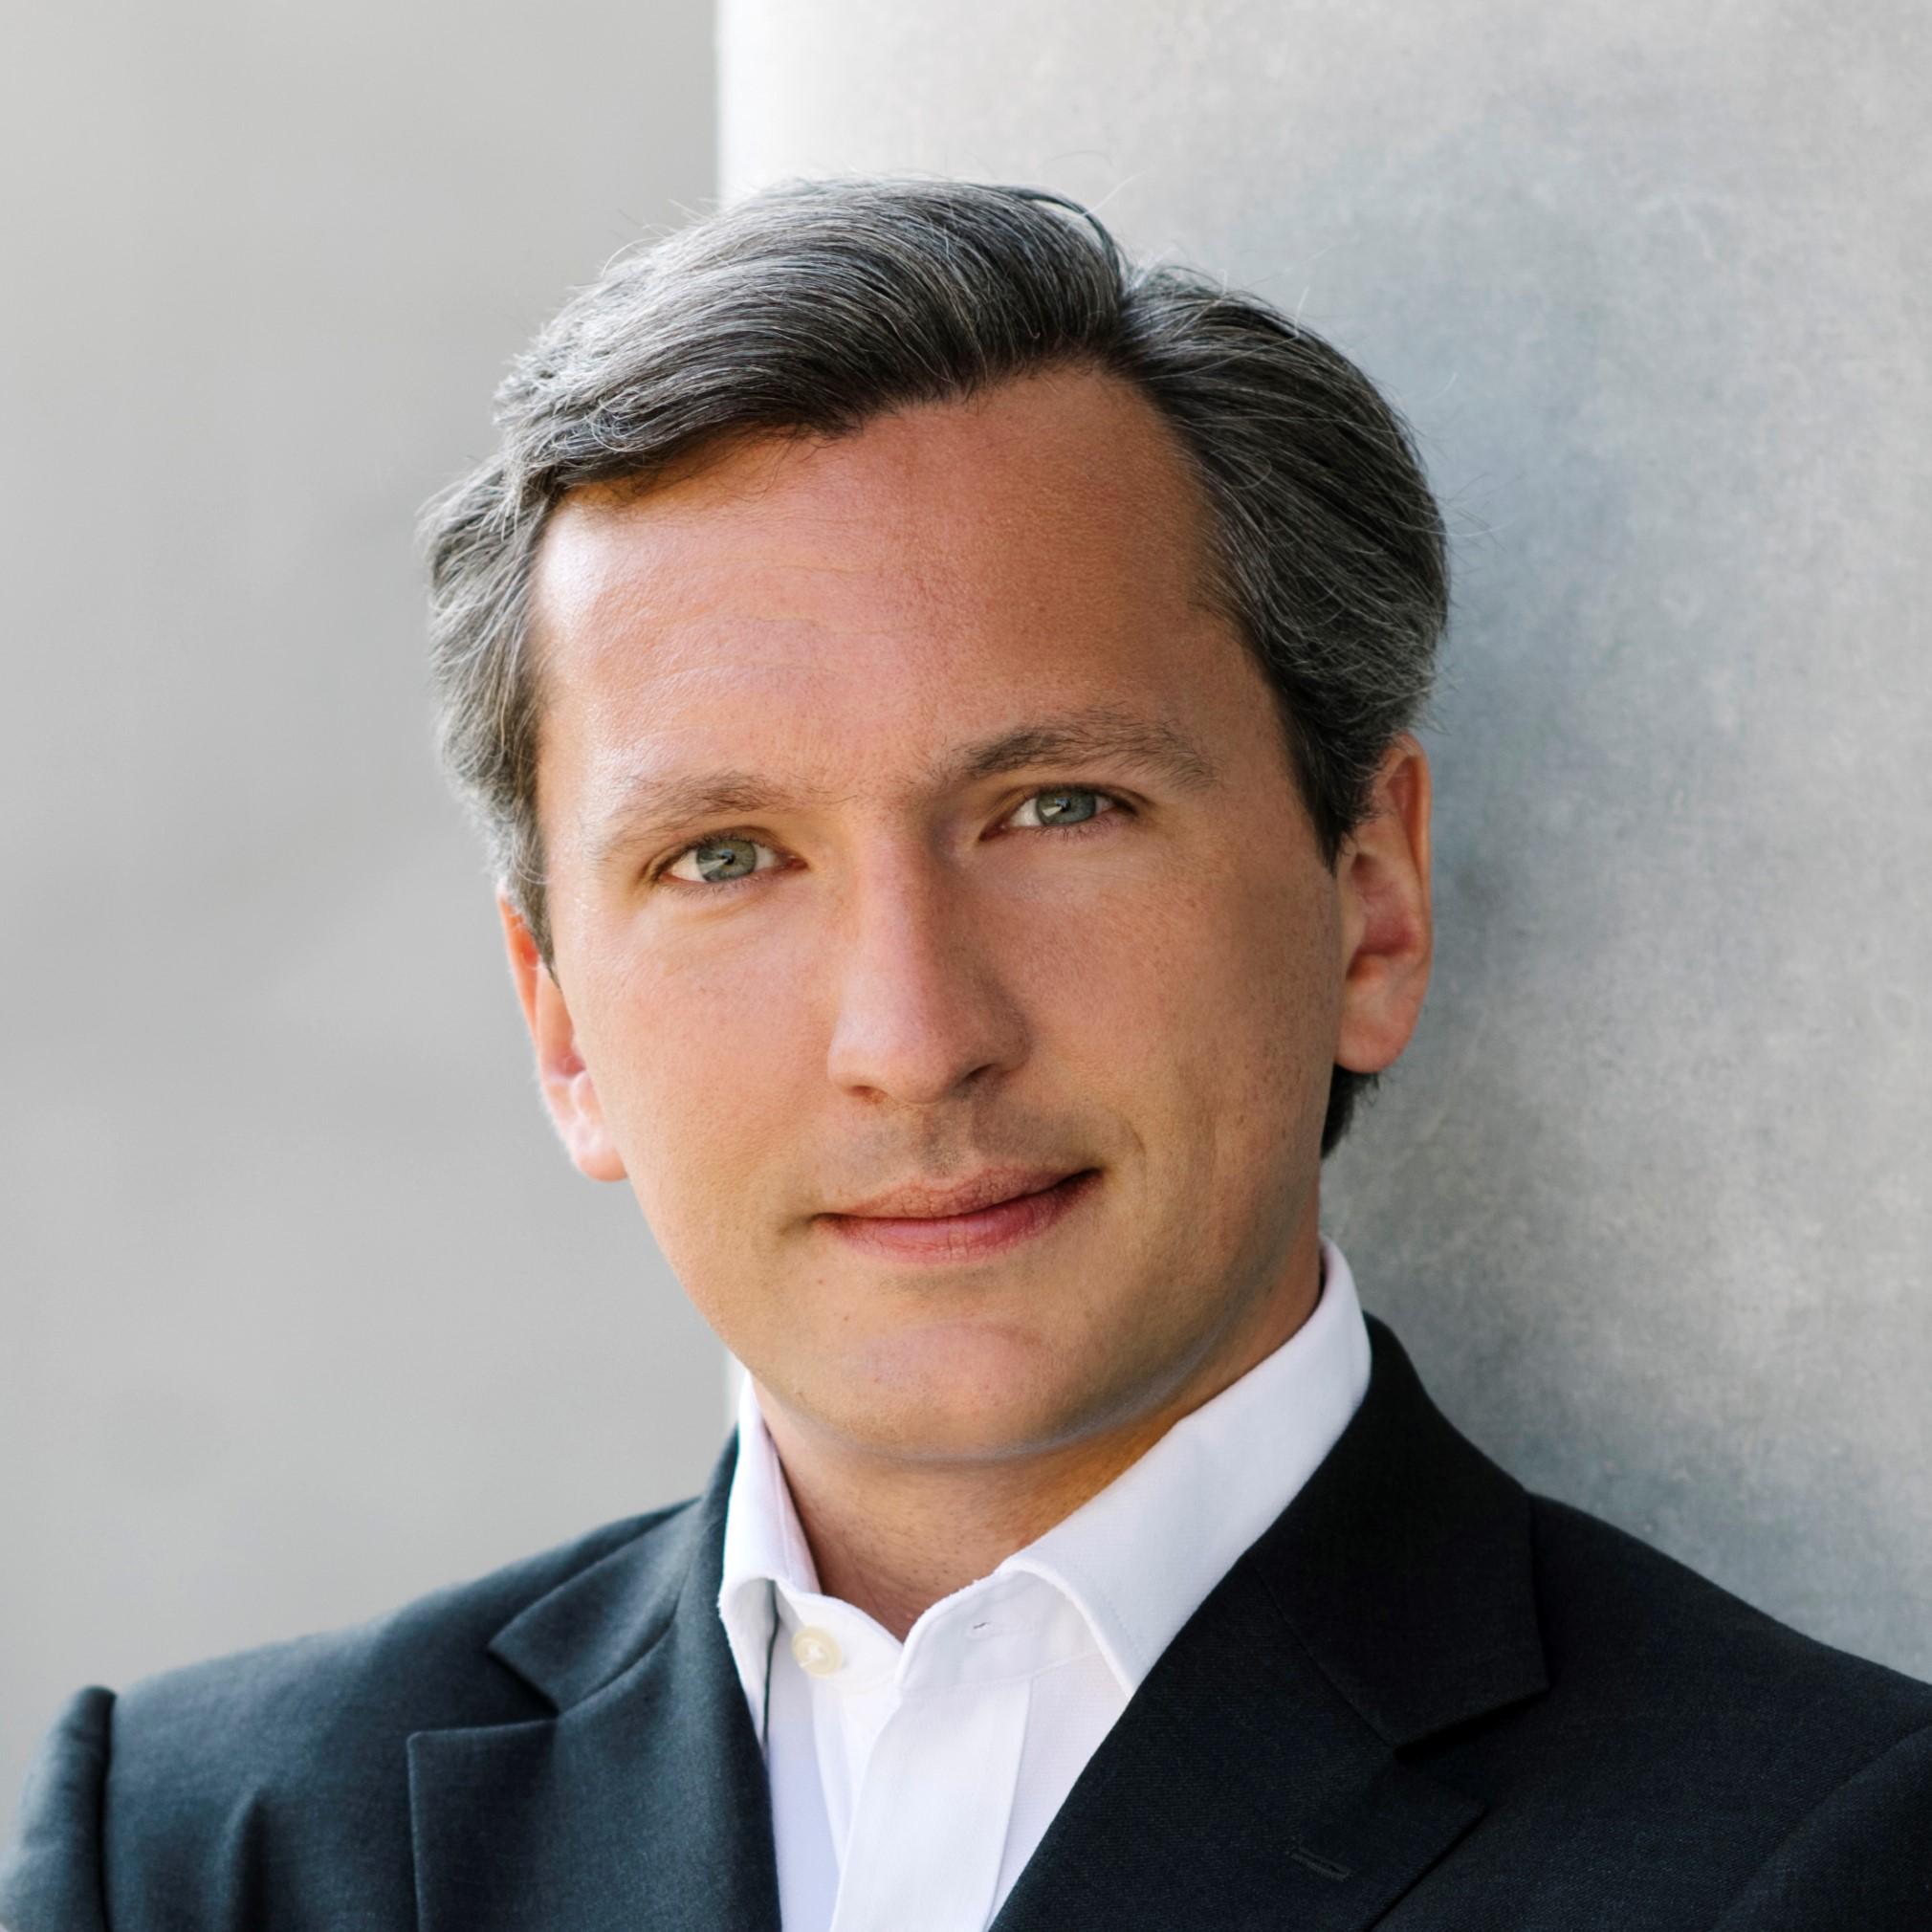 Friedrich Wallwitz